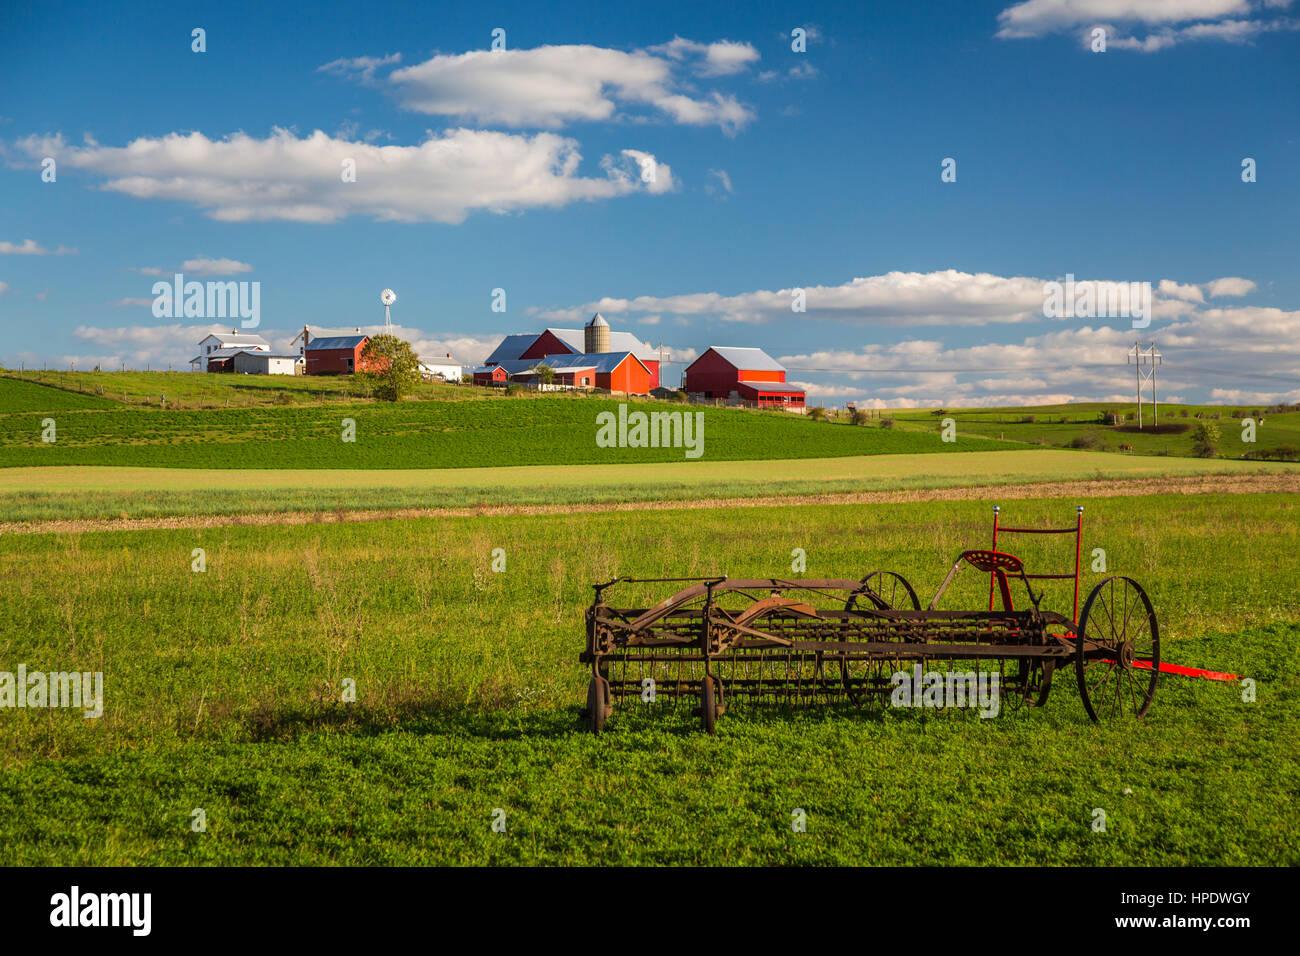 Ein amischen Bauernhof auf dem Lande in der Nähe von Kidron, Ohio, USA. Stockbild